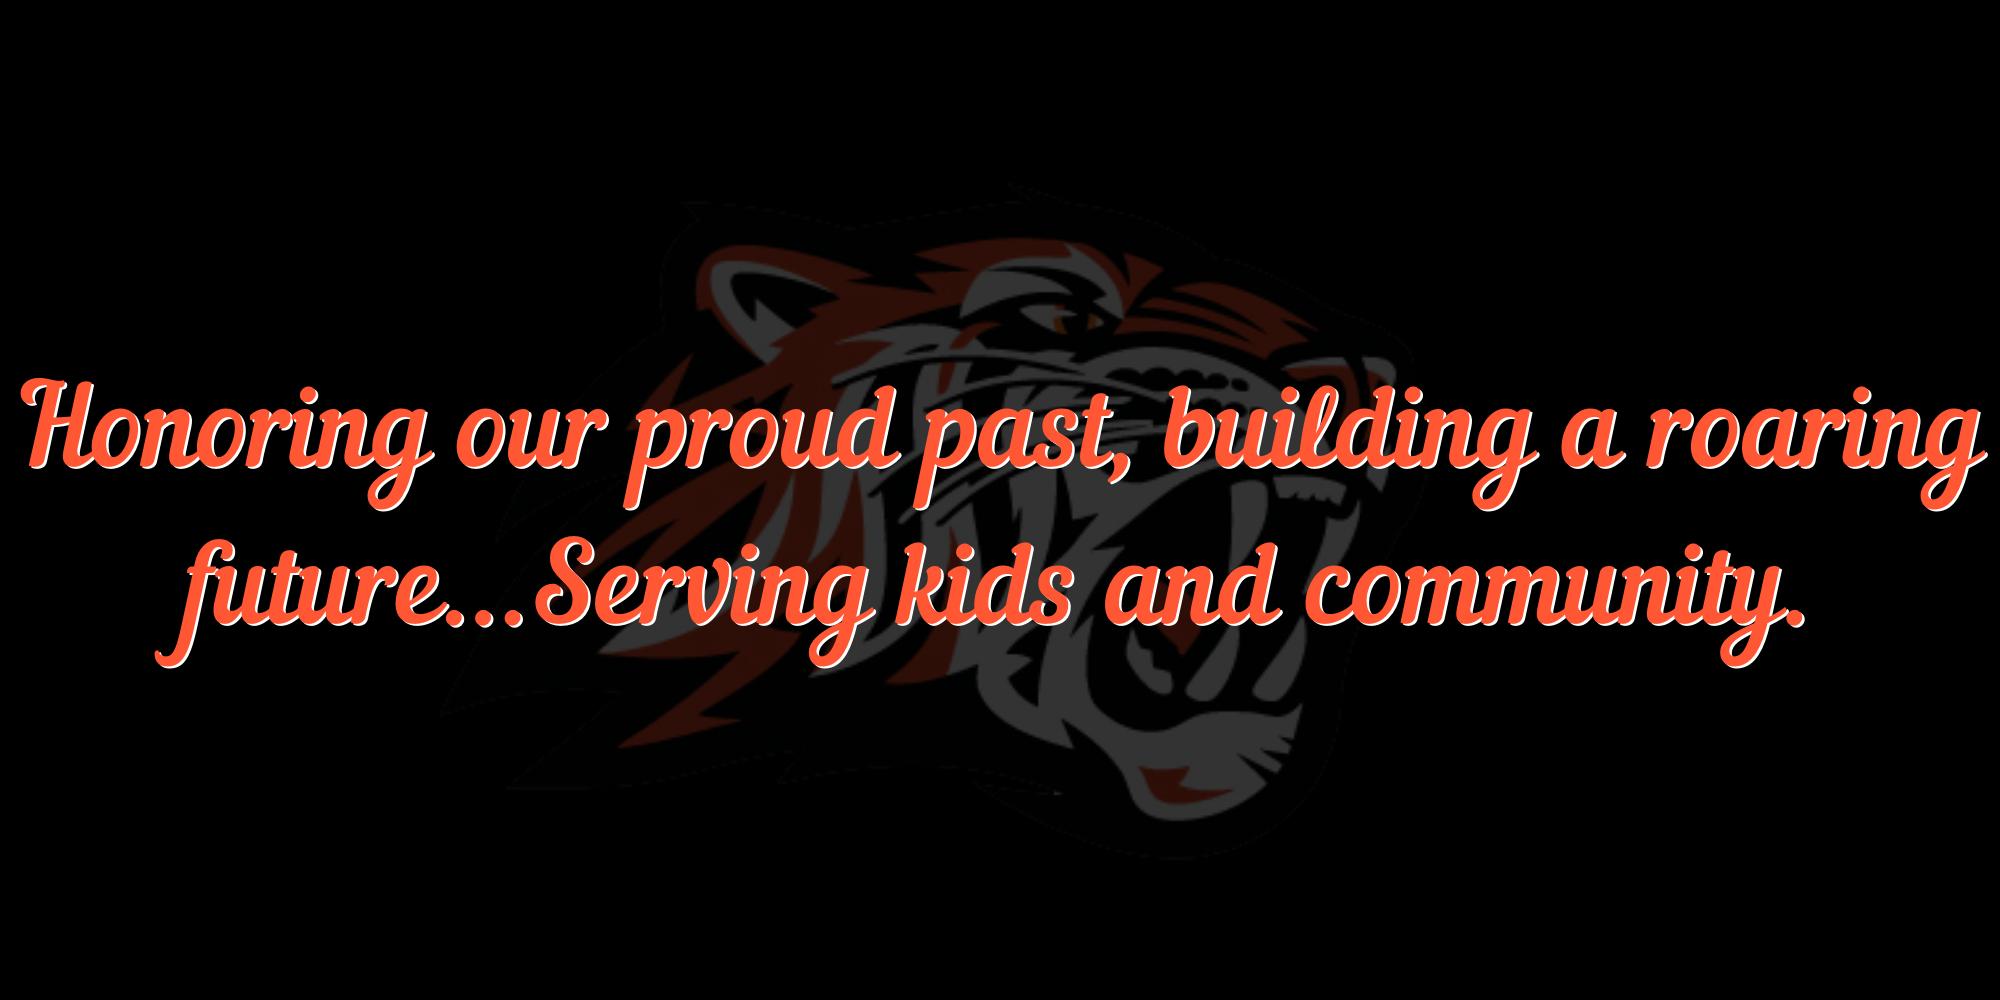 proud past roaring future